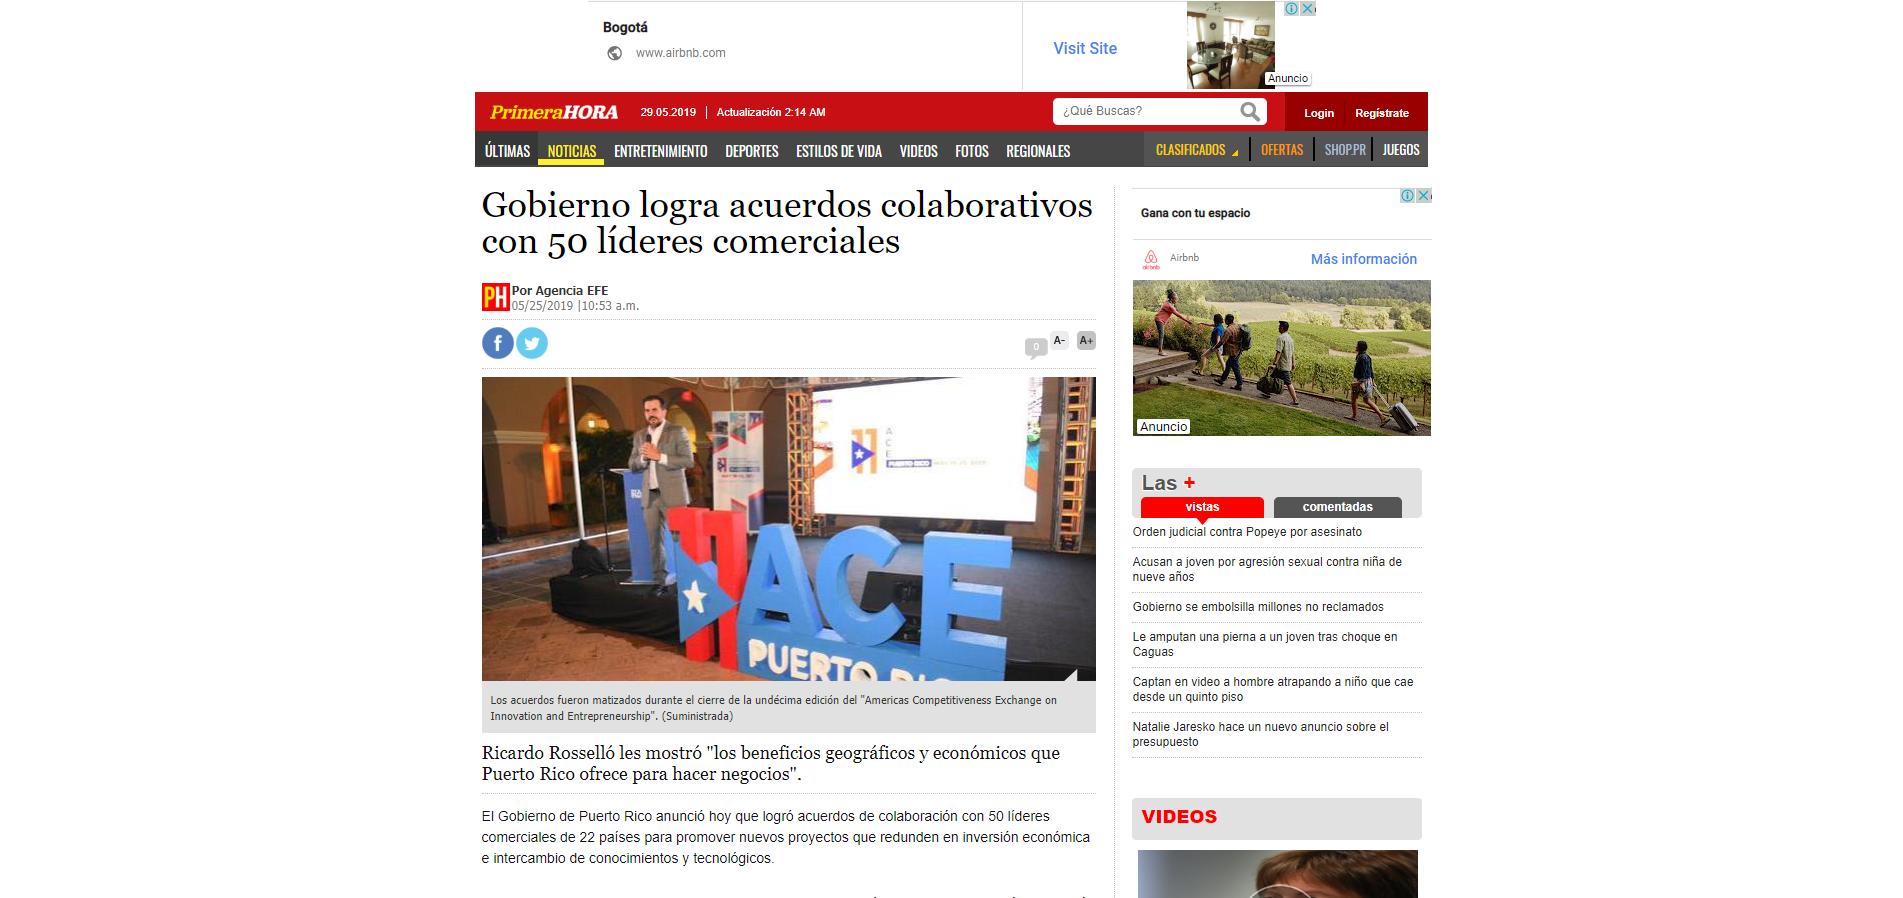 """""""Gobierno Logra Acuerdos Colaborativos con 50 Líderes Comerciales"""", Primera Hora, May 25, 2019,"""